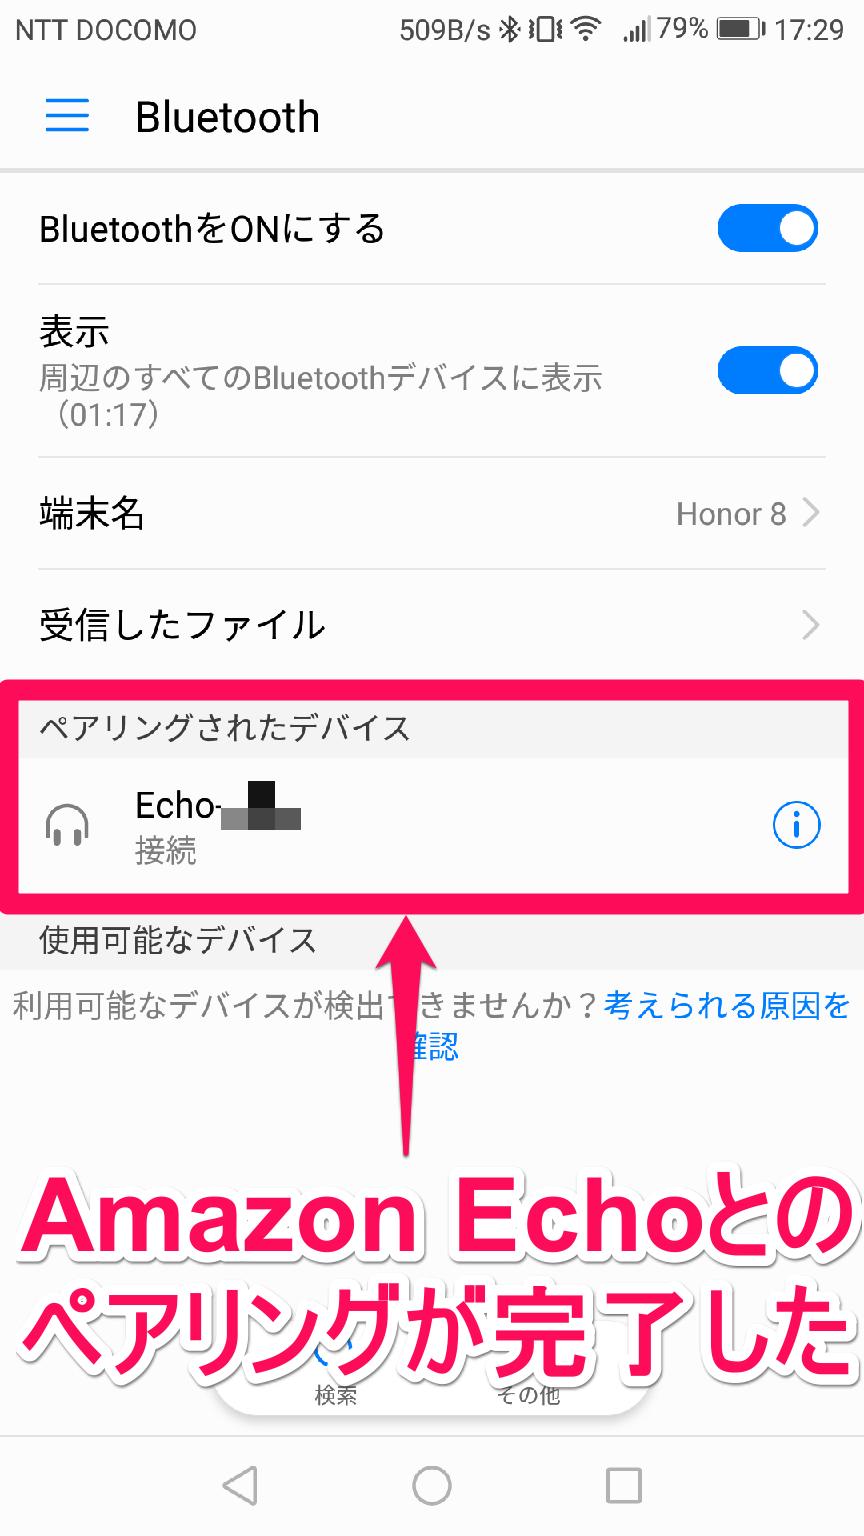 スマートフォンがAmazon Echo(アマゾンエコー)とペアリングされた画面